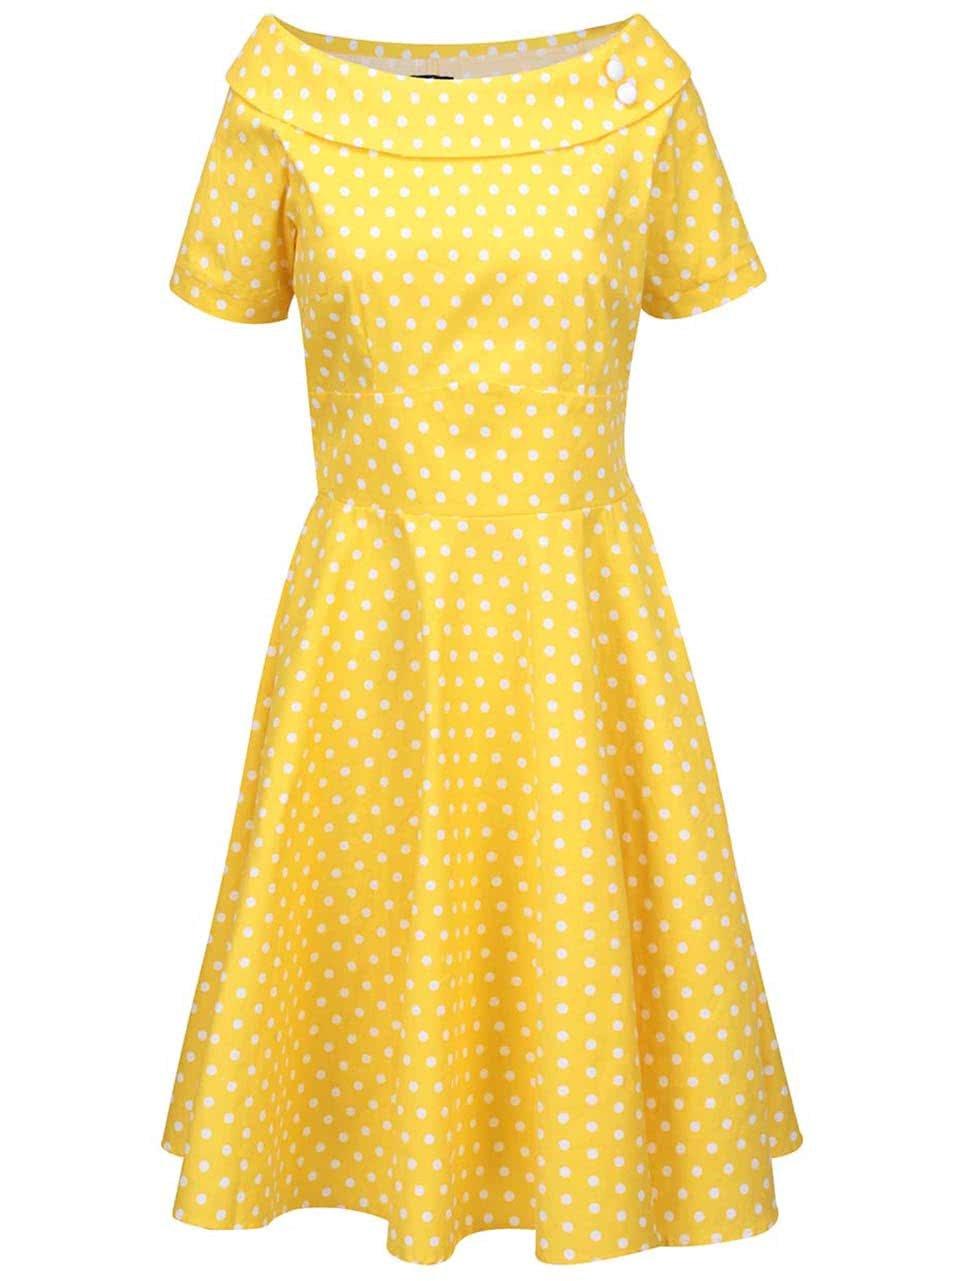 Žluté puntíkované šaty s lodičkovým výstřihem Dolly & Dotty Darlene